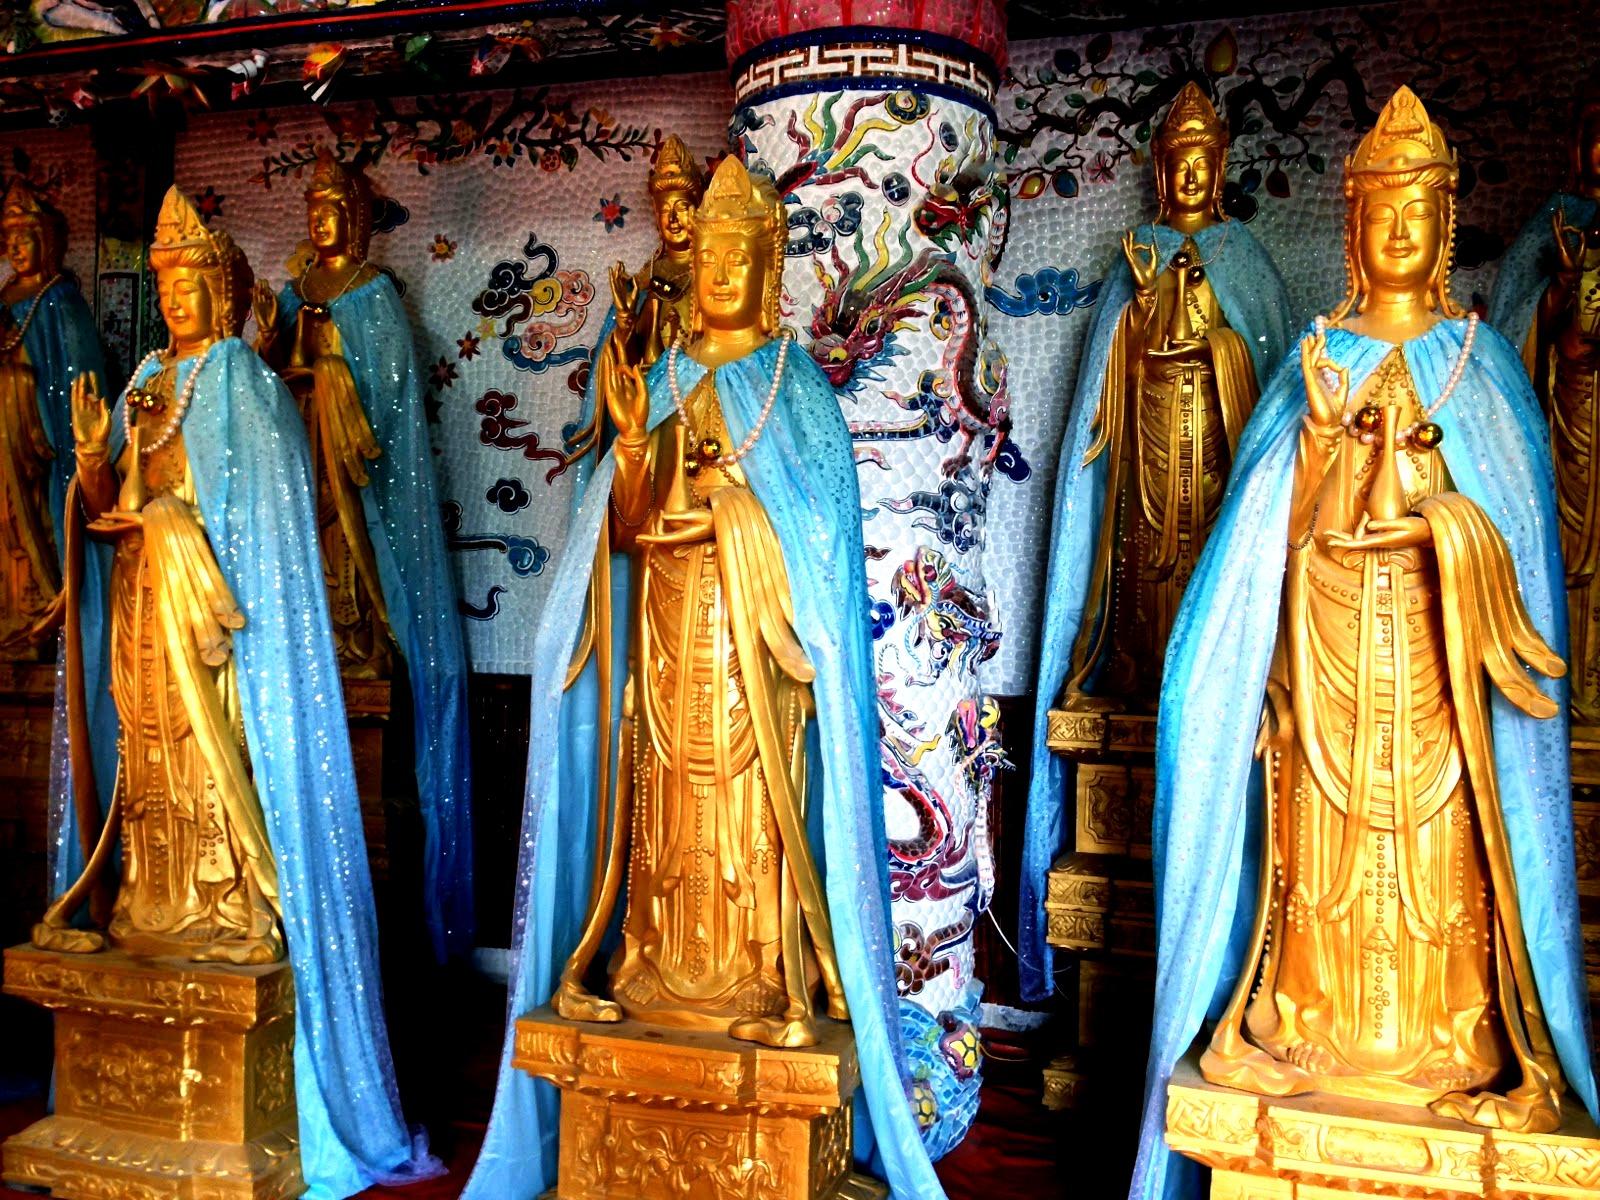 бодхисаттвы линь фуок